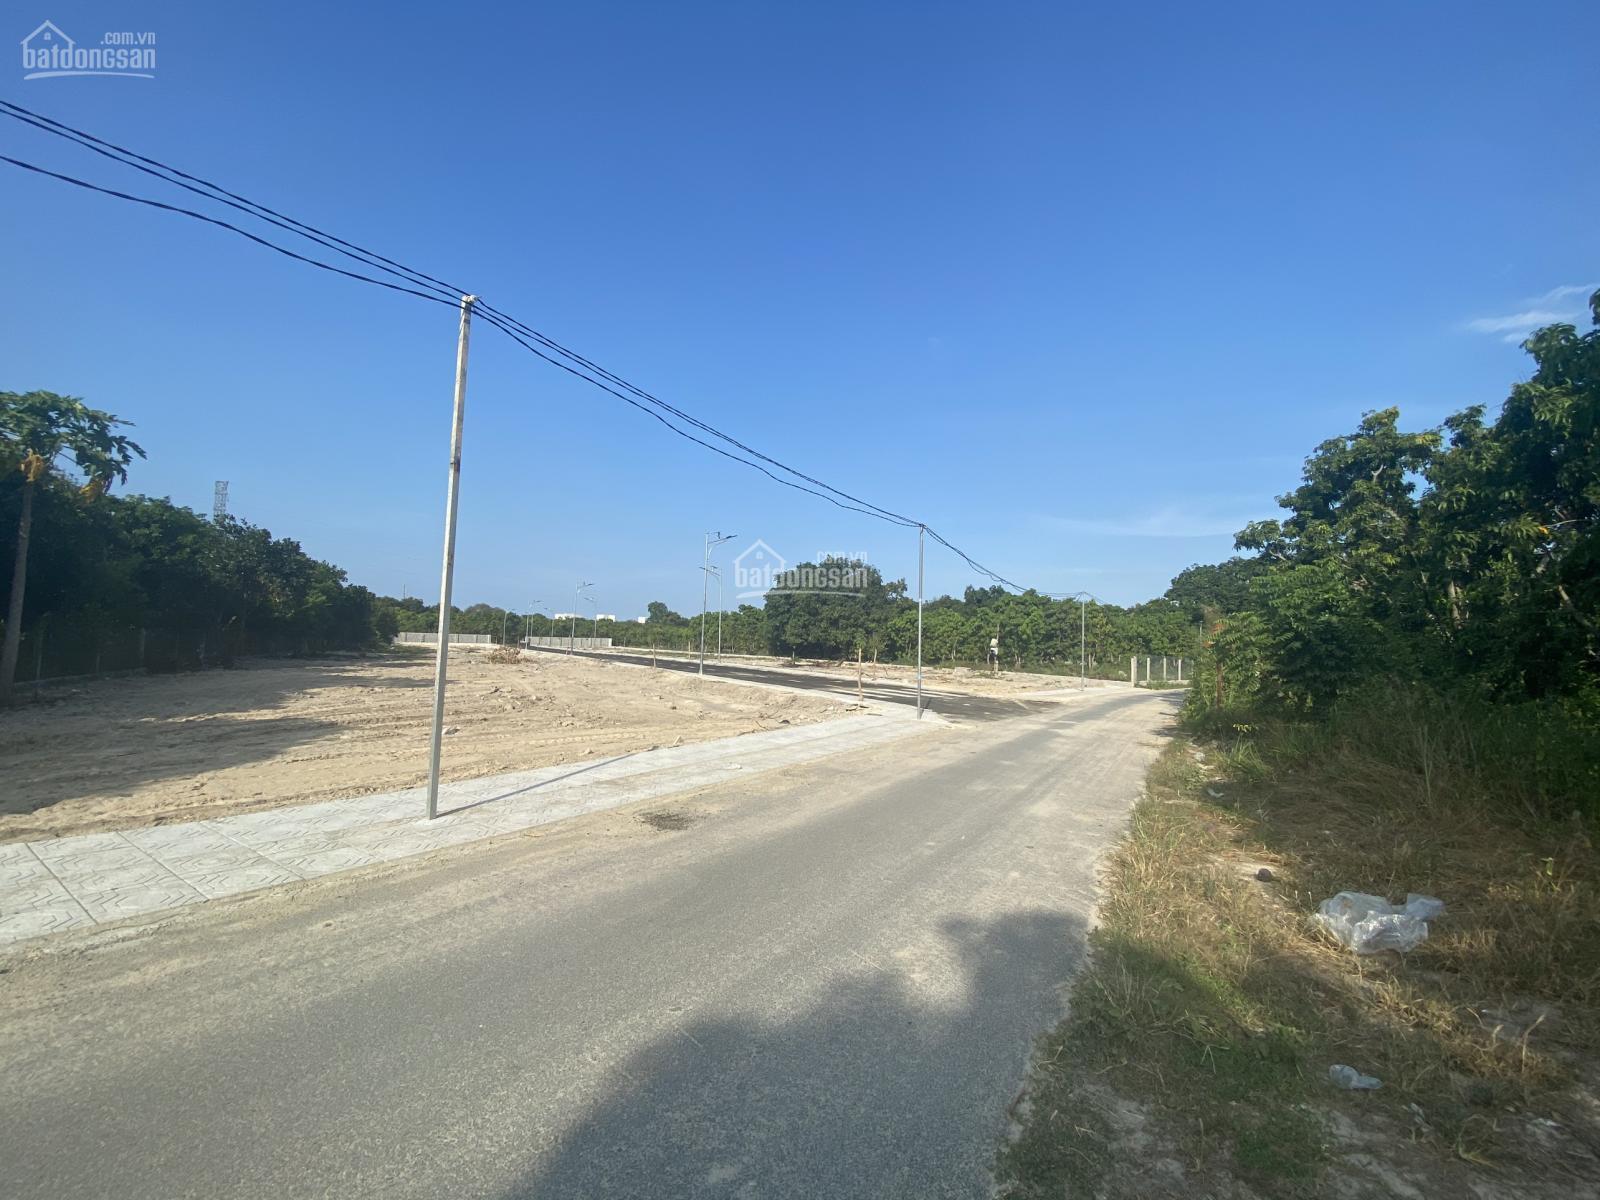 Bán nhanh đất nền thổ cư xã Cam Thành Bắc, cách Đầm 900m, pháp lý rõ ràng, giá chỉ từ 800tr